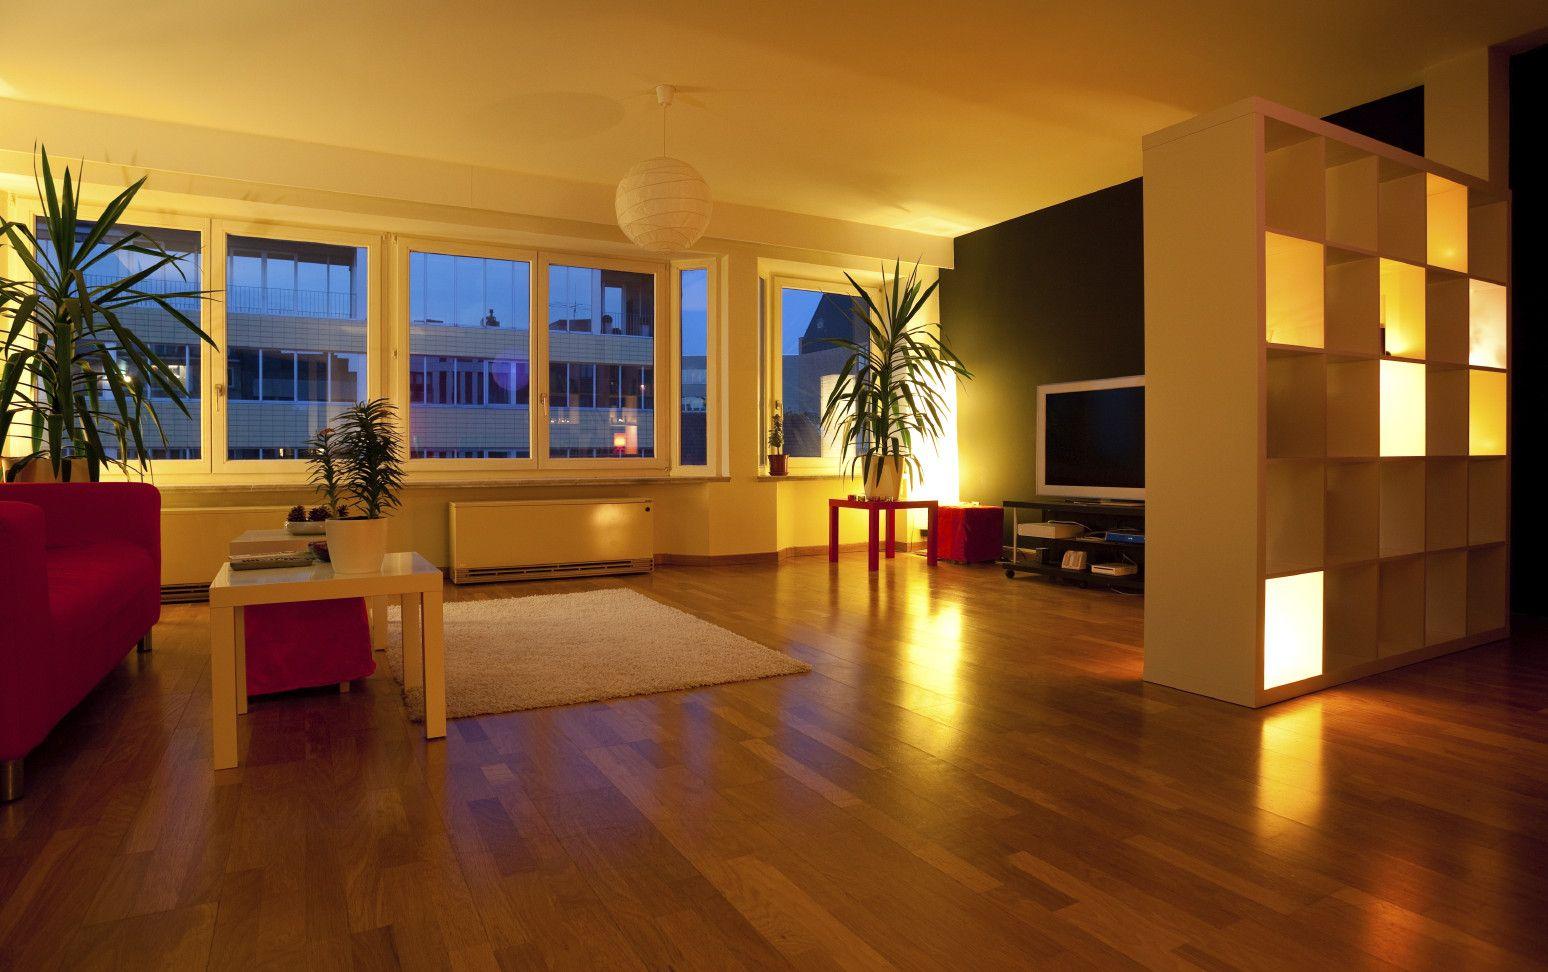 Kreative Beleuchtungsideen Für Wohnzimmer_indirekte Beleuchtung Als Coole  Licht Idee Und Lichtgestaltung Im Wohnzimmer